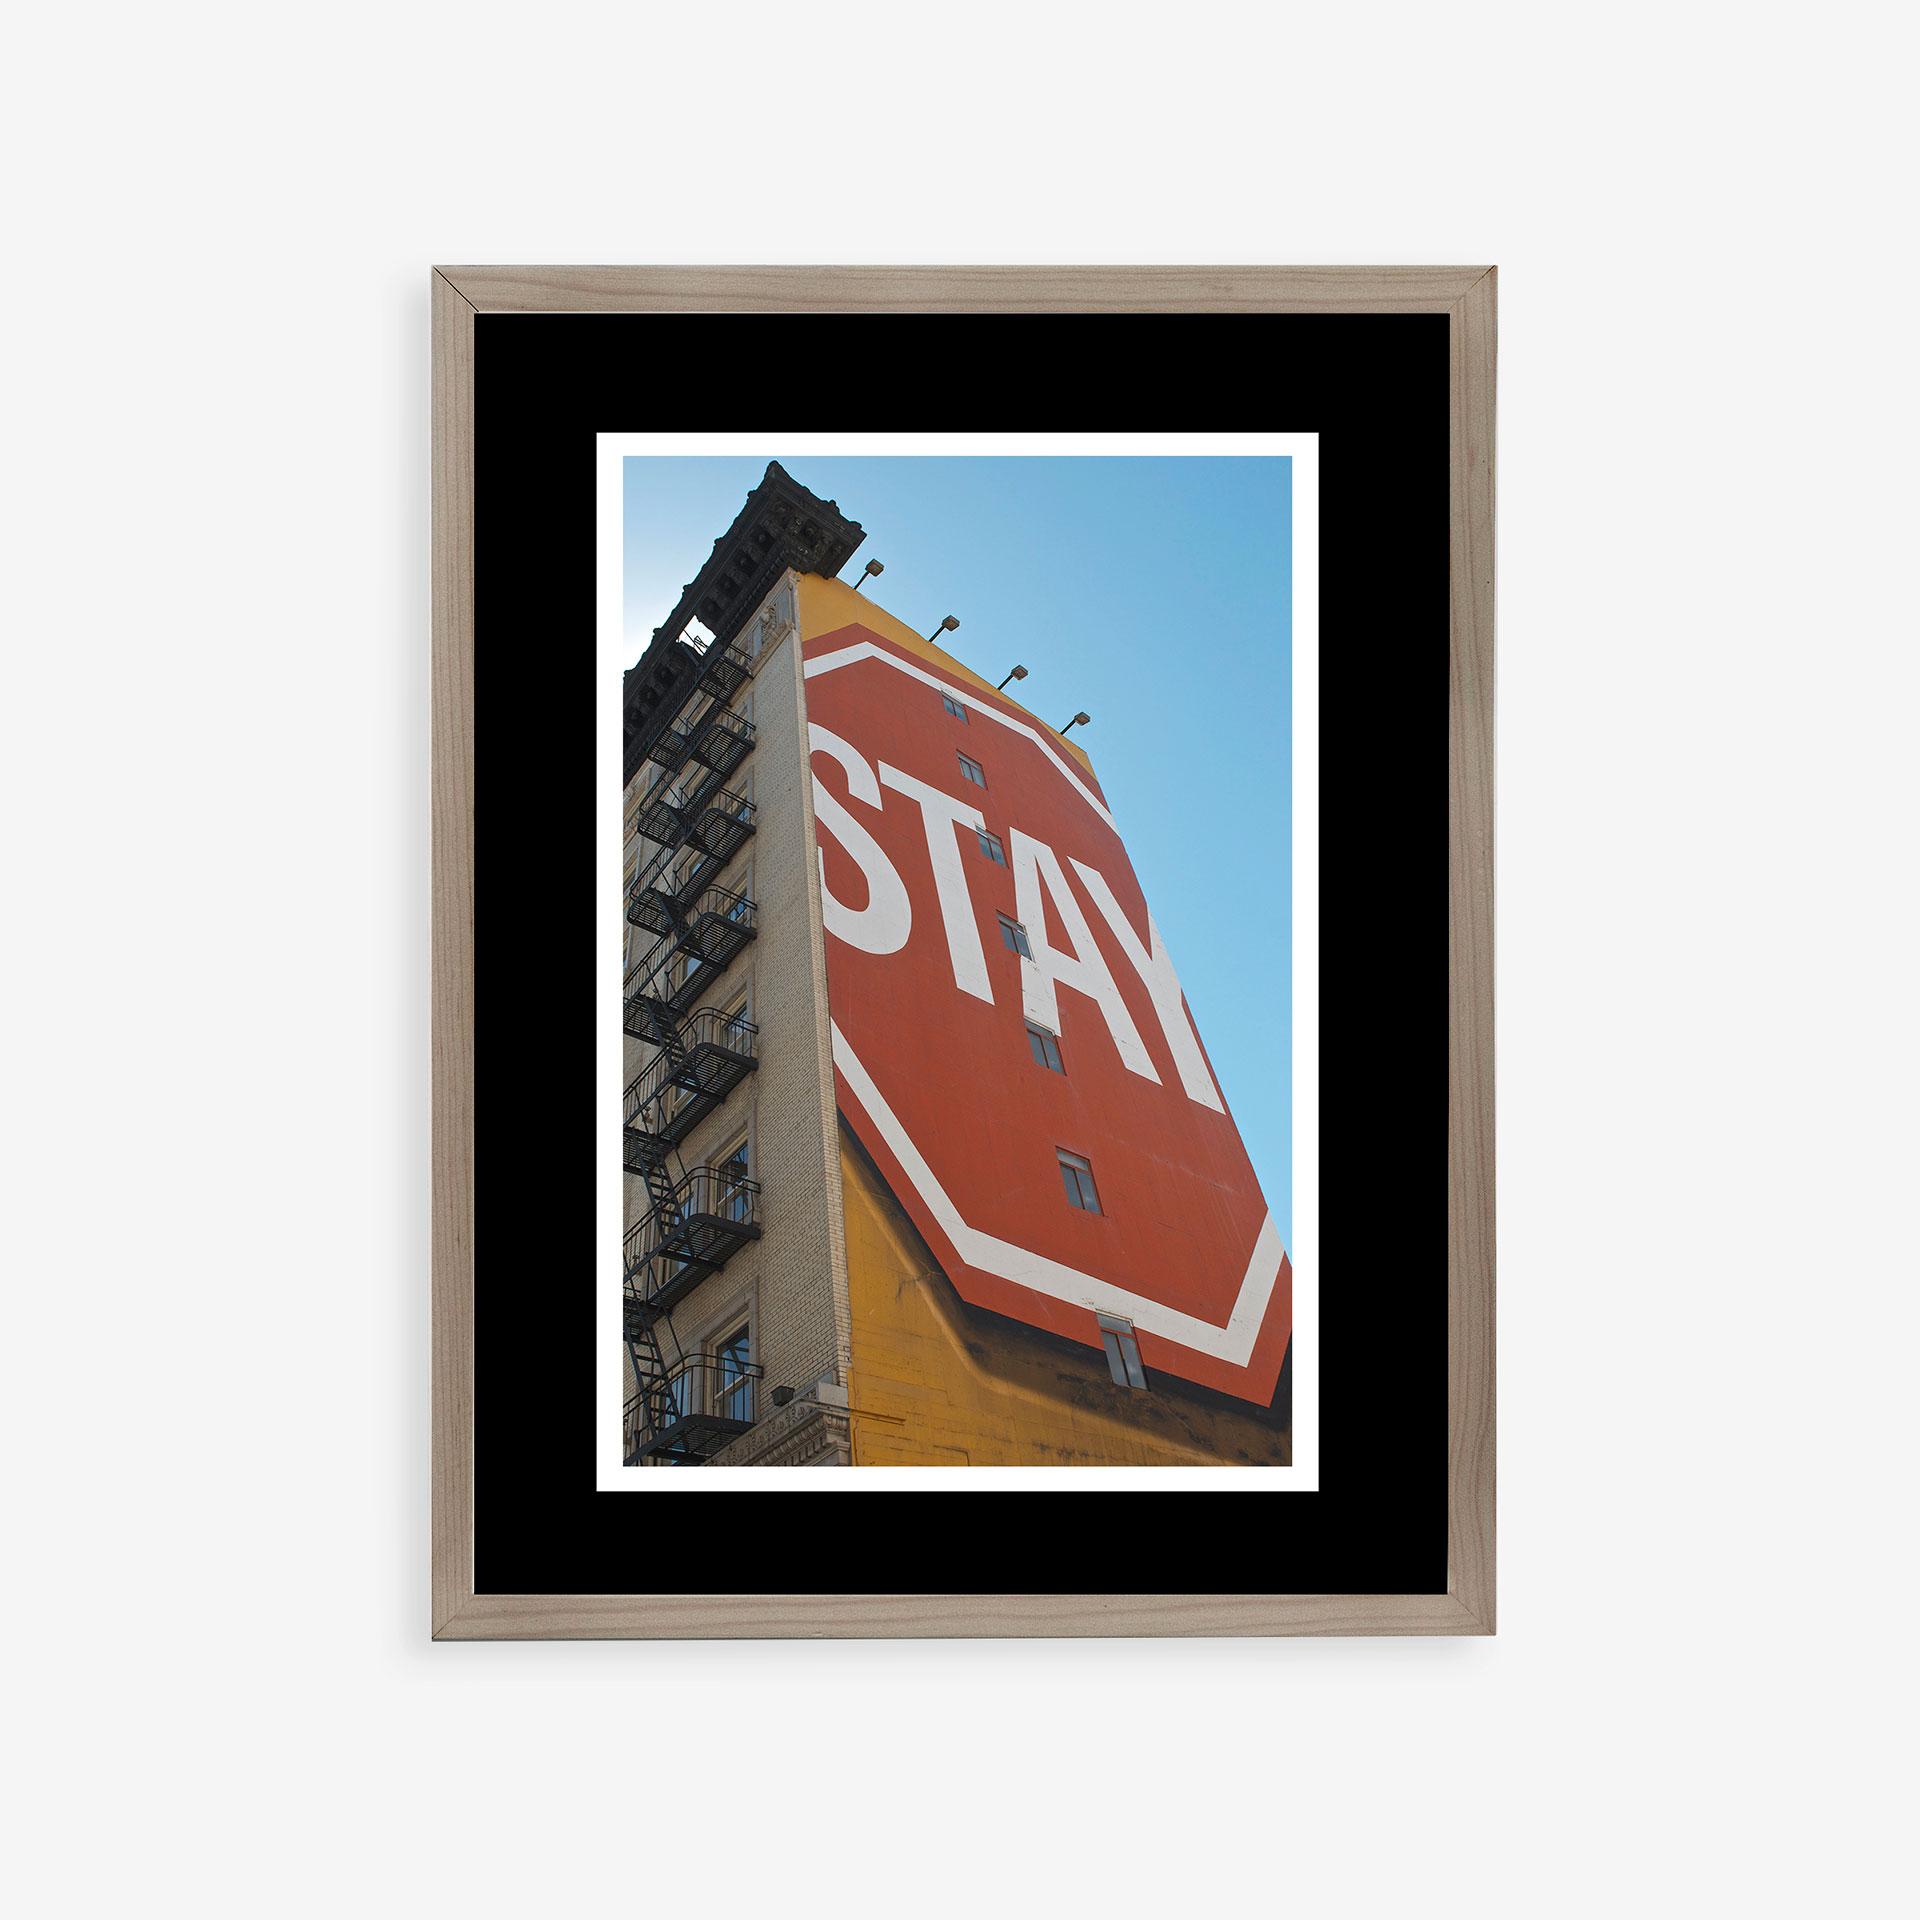 Stay by Sebastián Lara | alvaluz.com